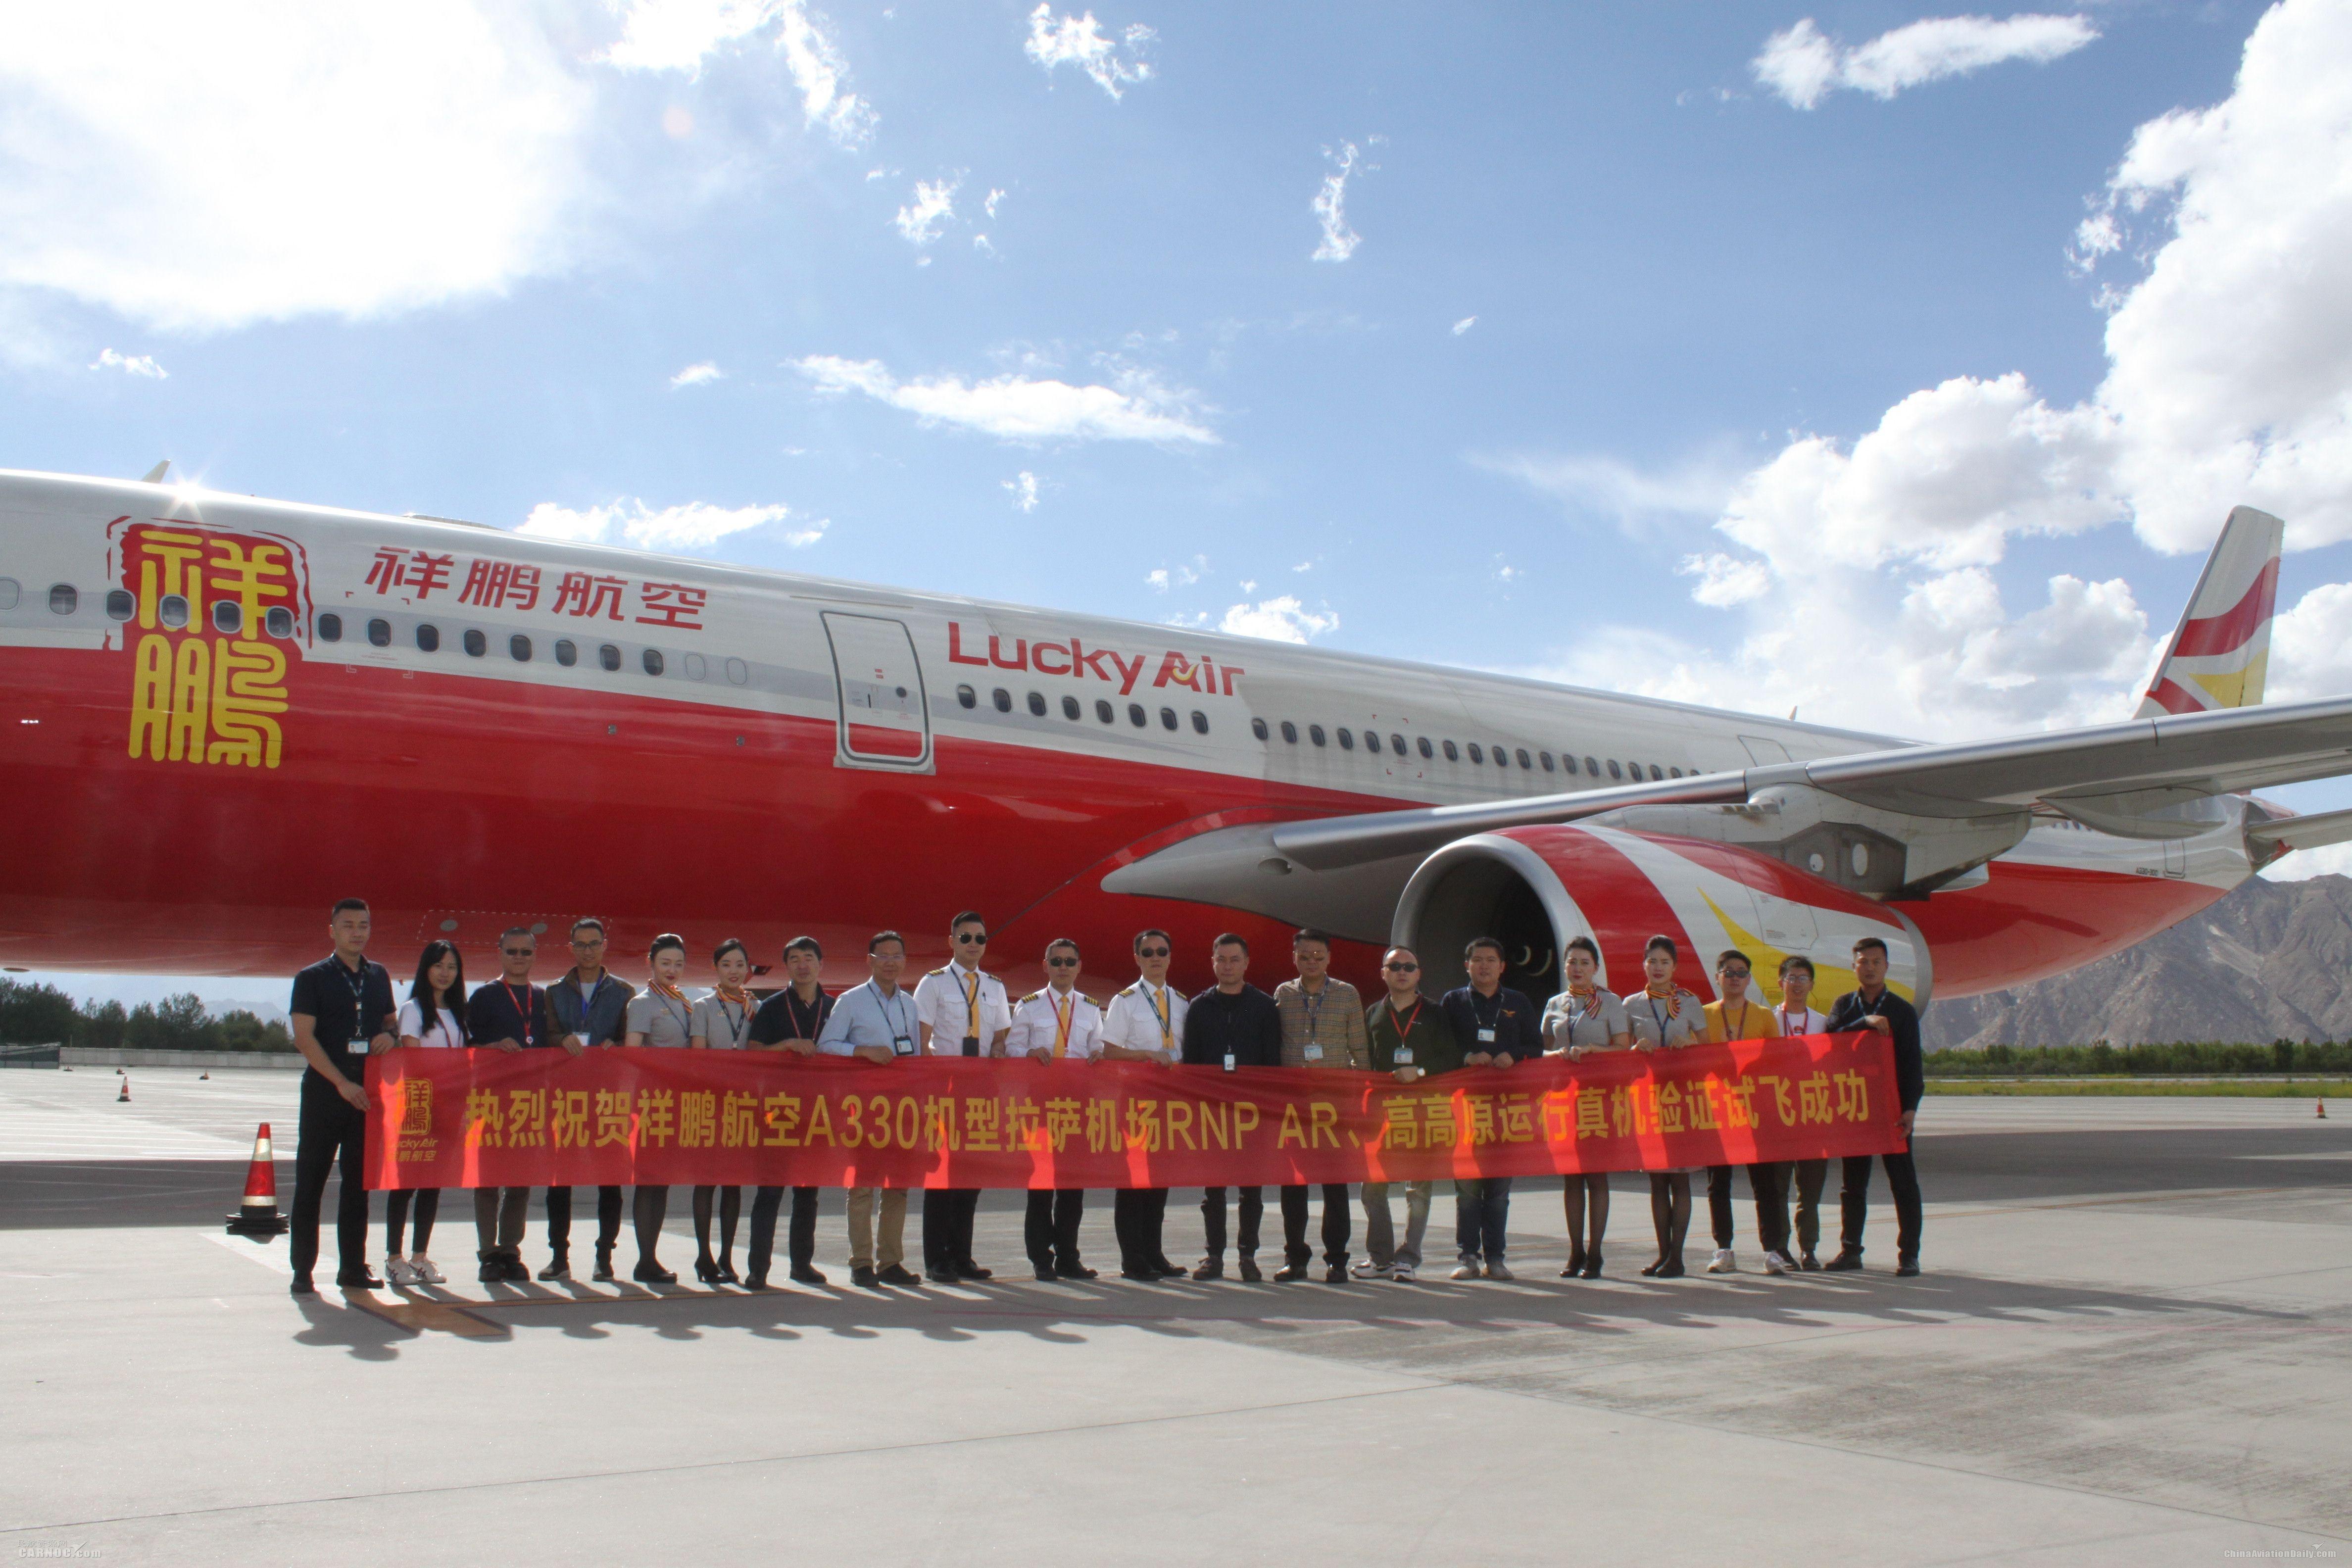 祥鹏航空A330完成拉萨贡嘎机场验证试飞